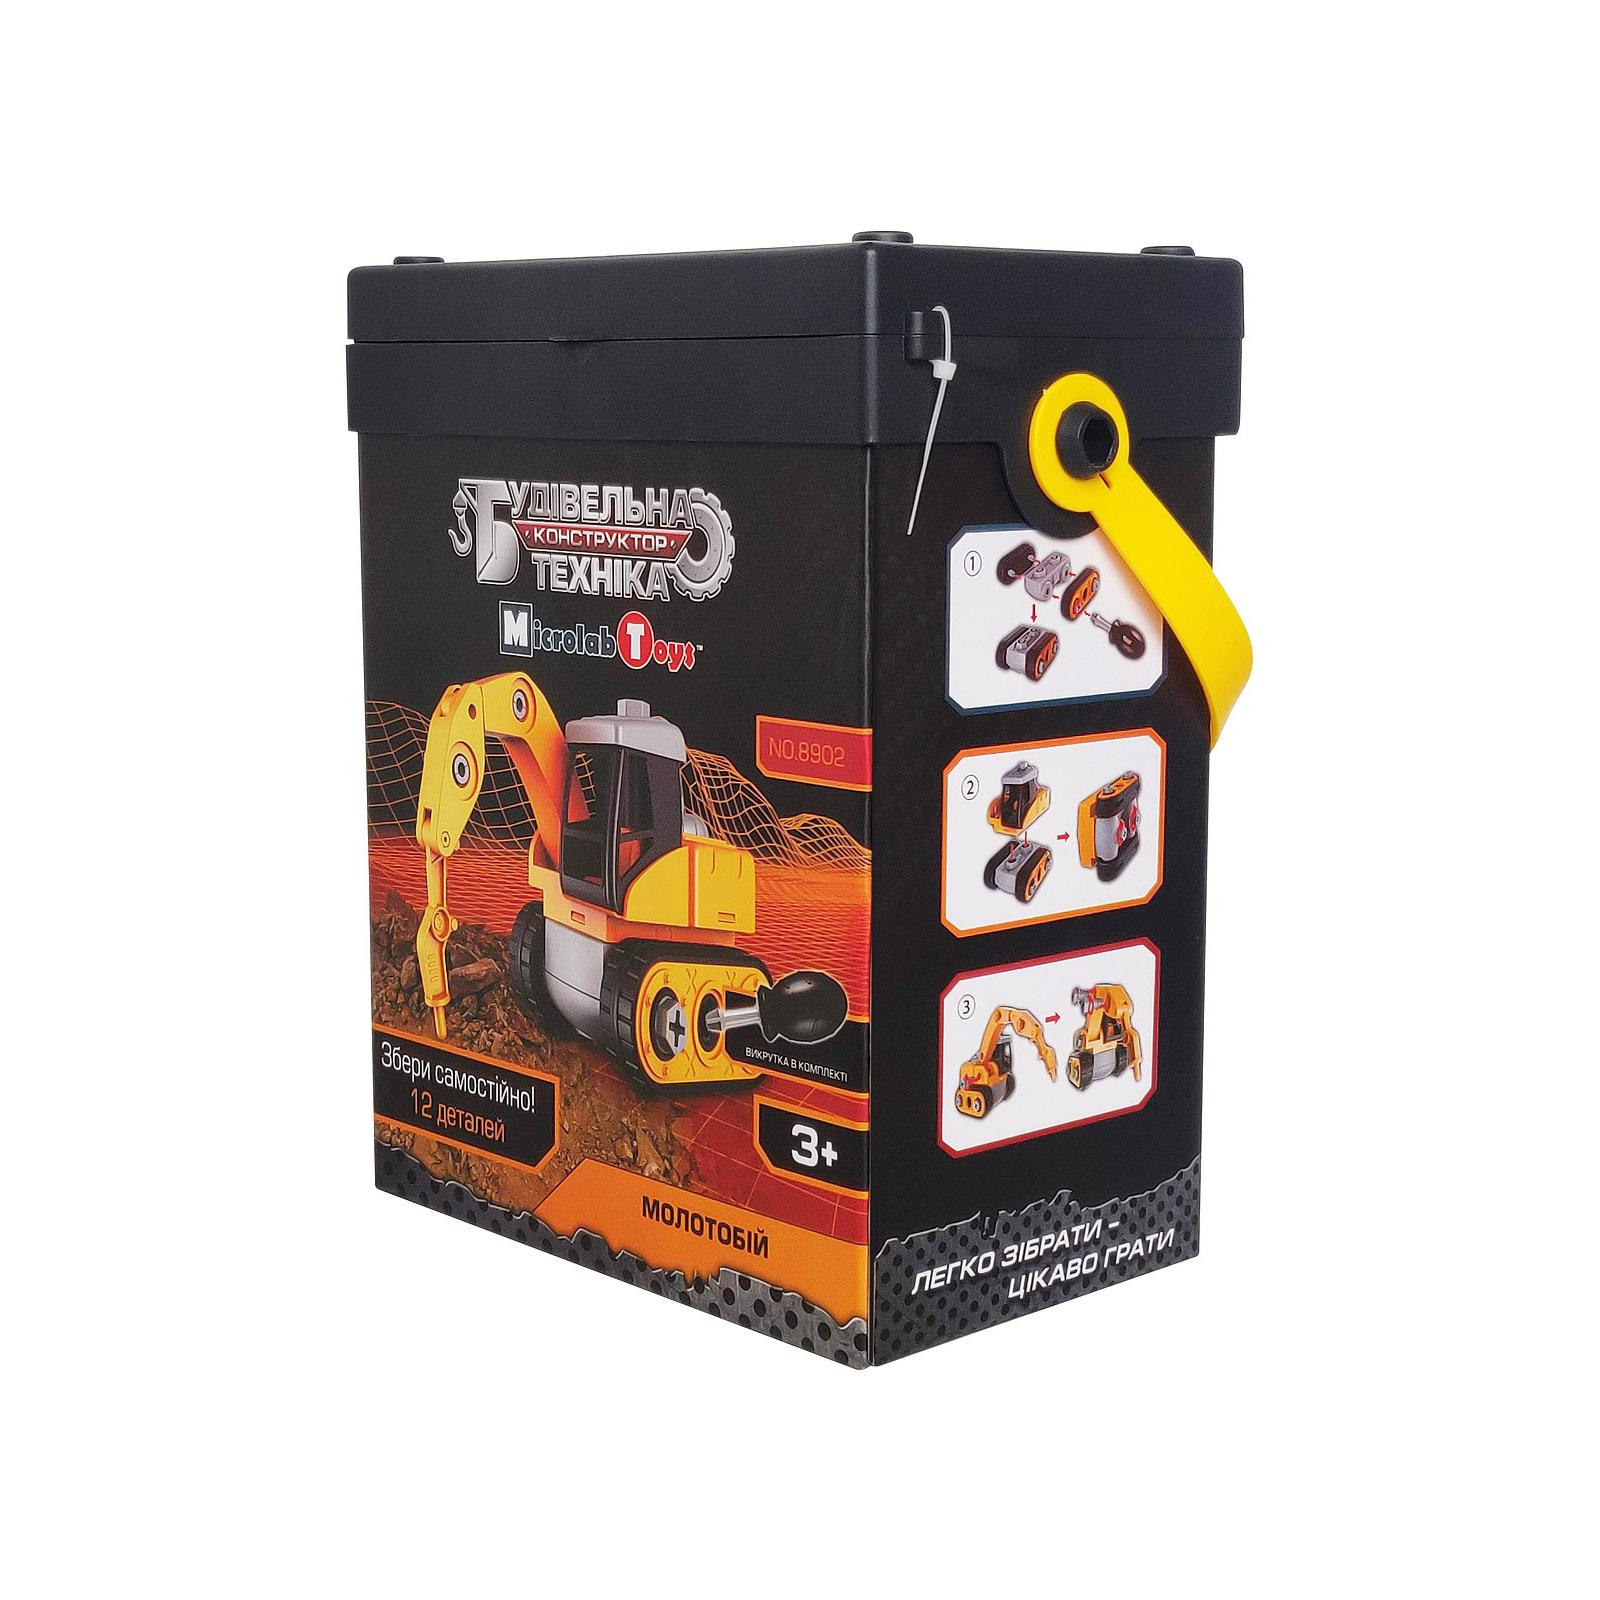 Конструктор Microlab Toys Строительная техника - Молотобий (MT8902) изображение 3